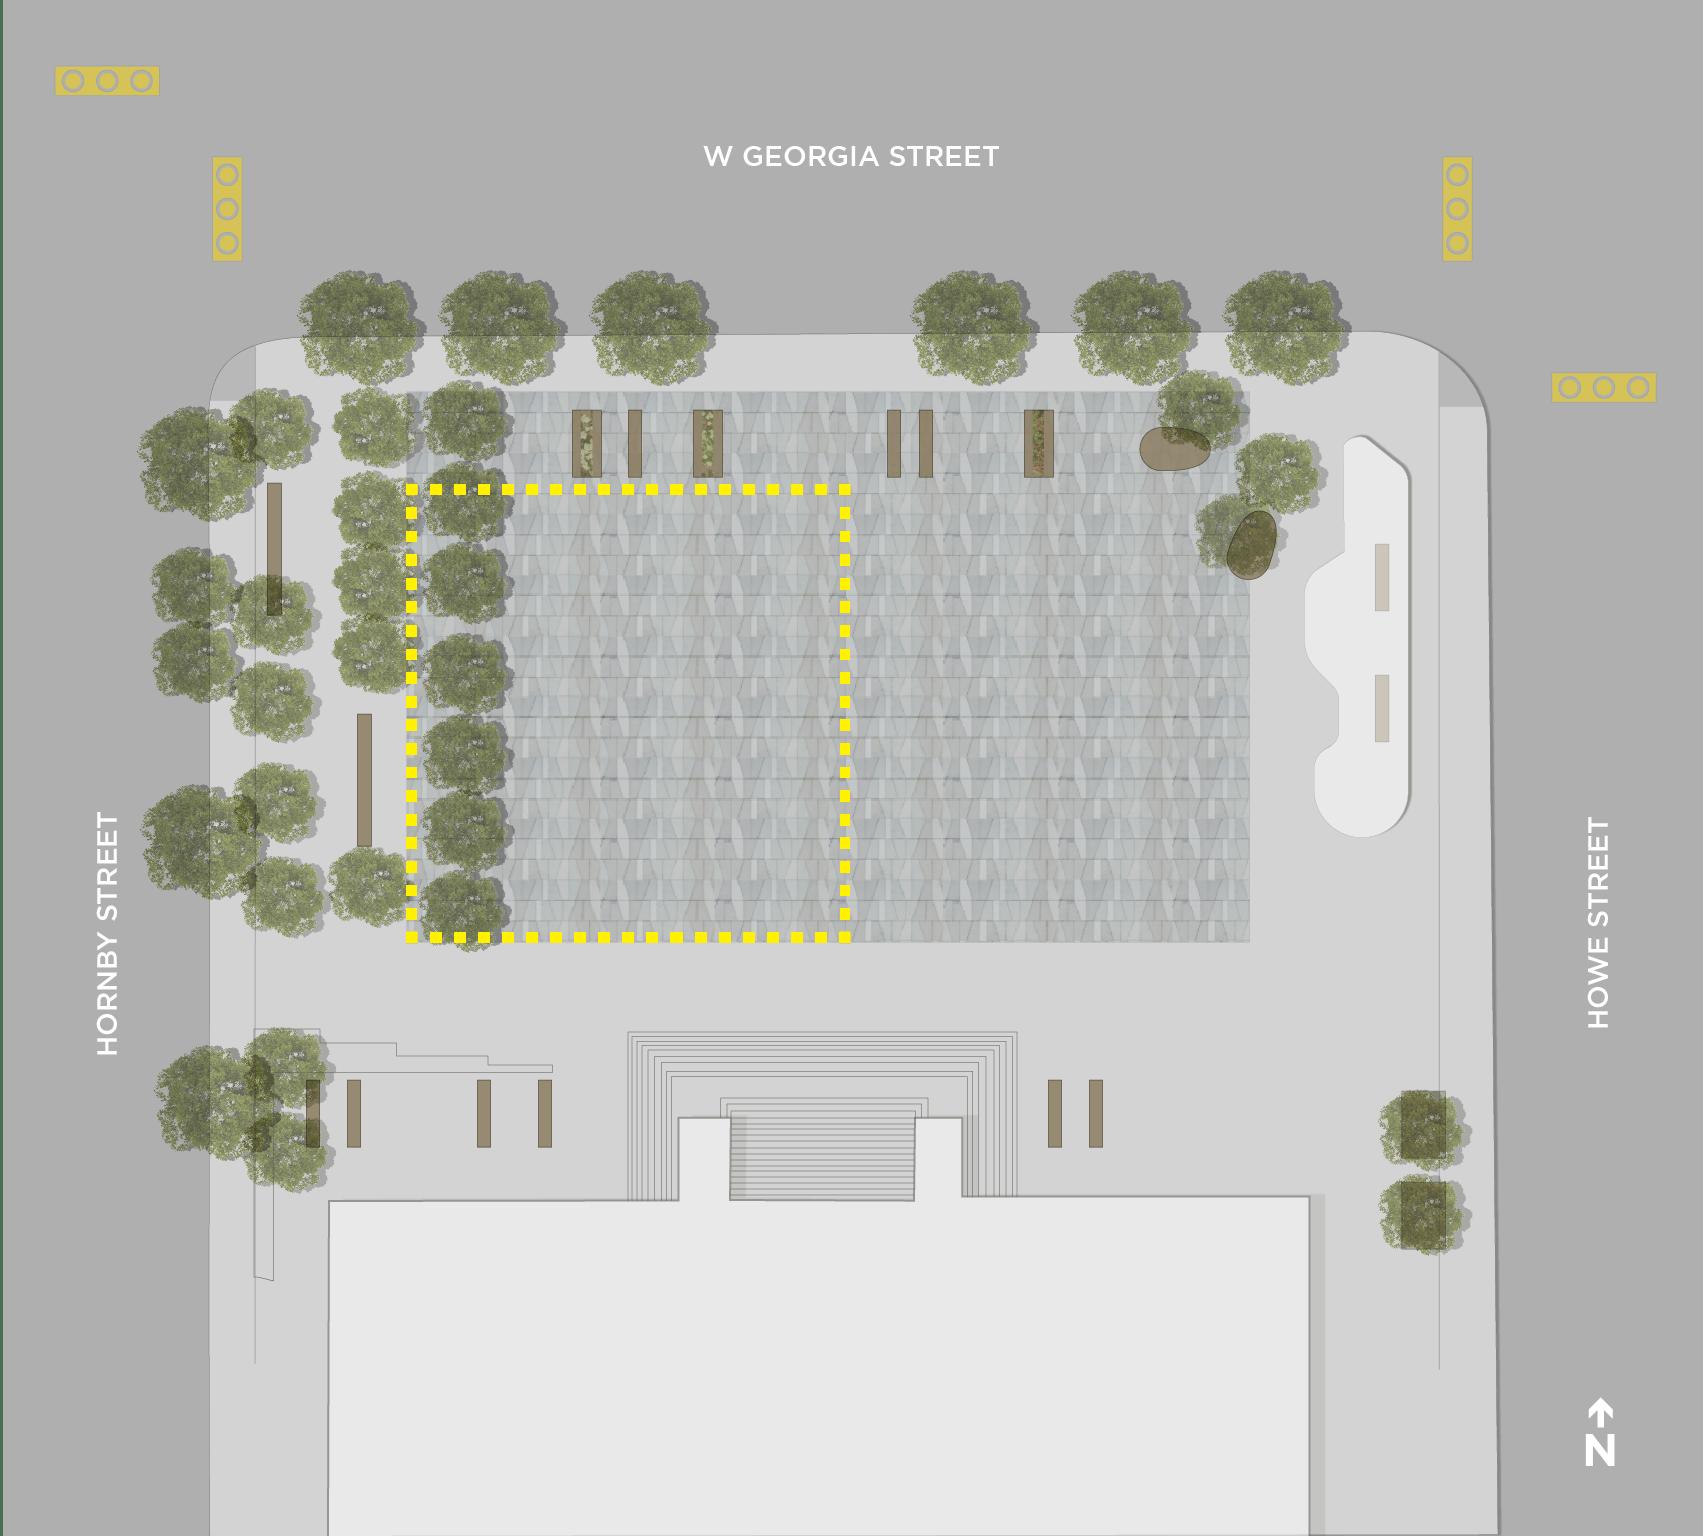 Map of šxʷƛ̓ənəq Xwtl'e7énk Square (Vancouver Art Gallery – North Plaza) designated drinking area.